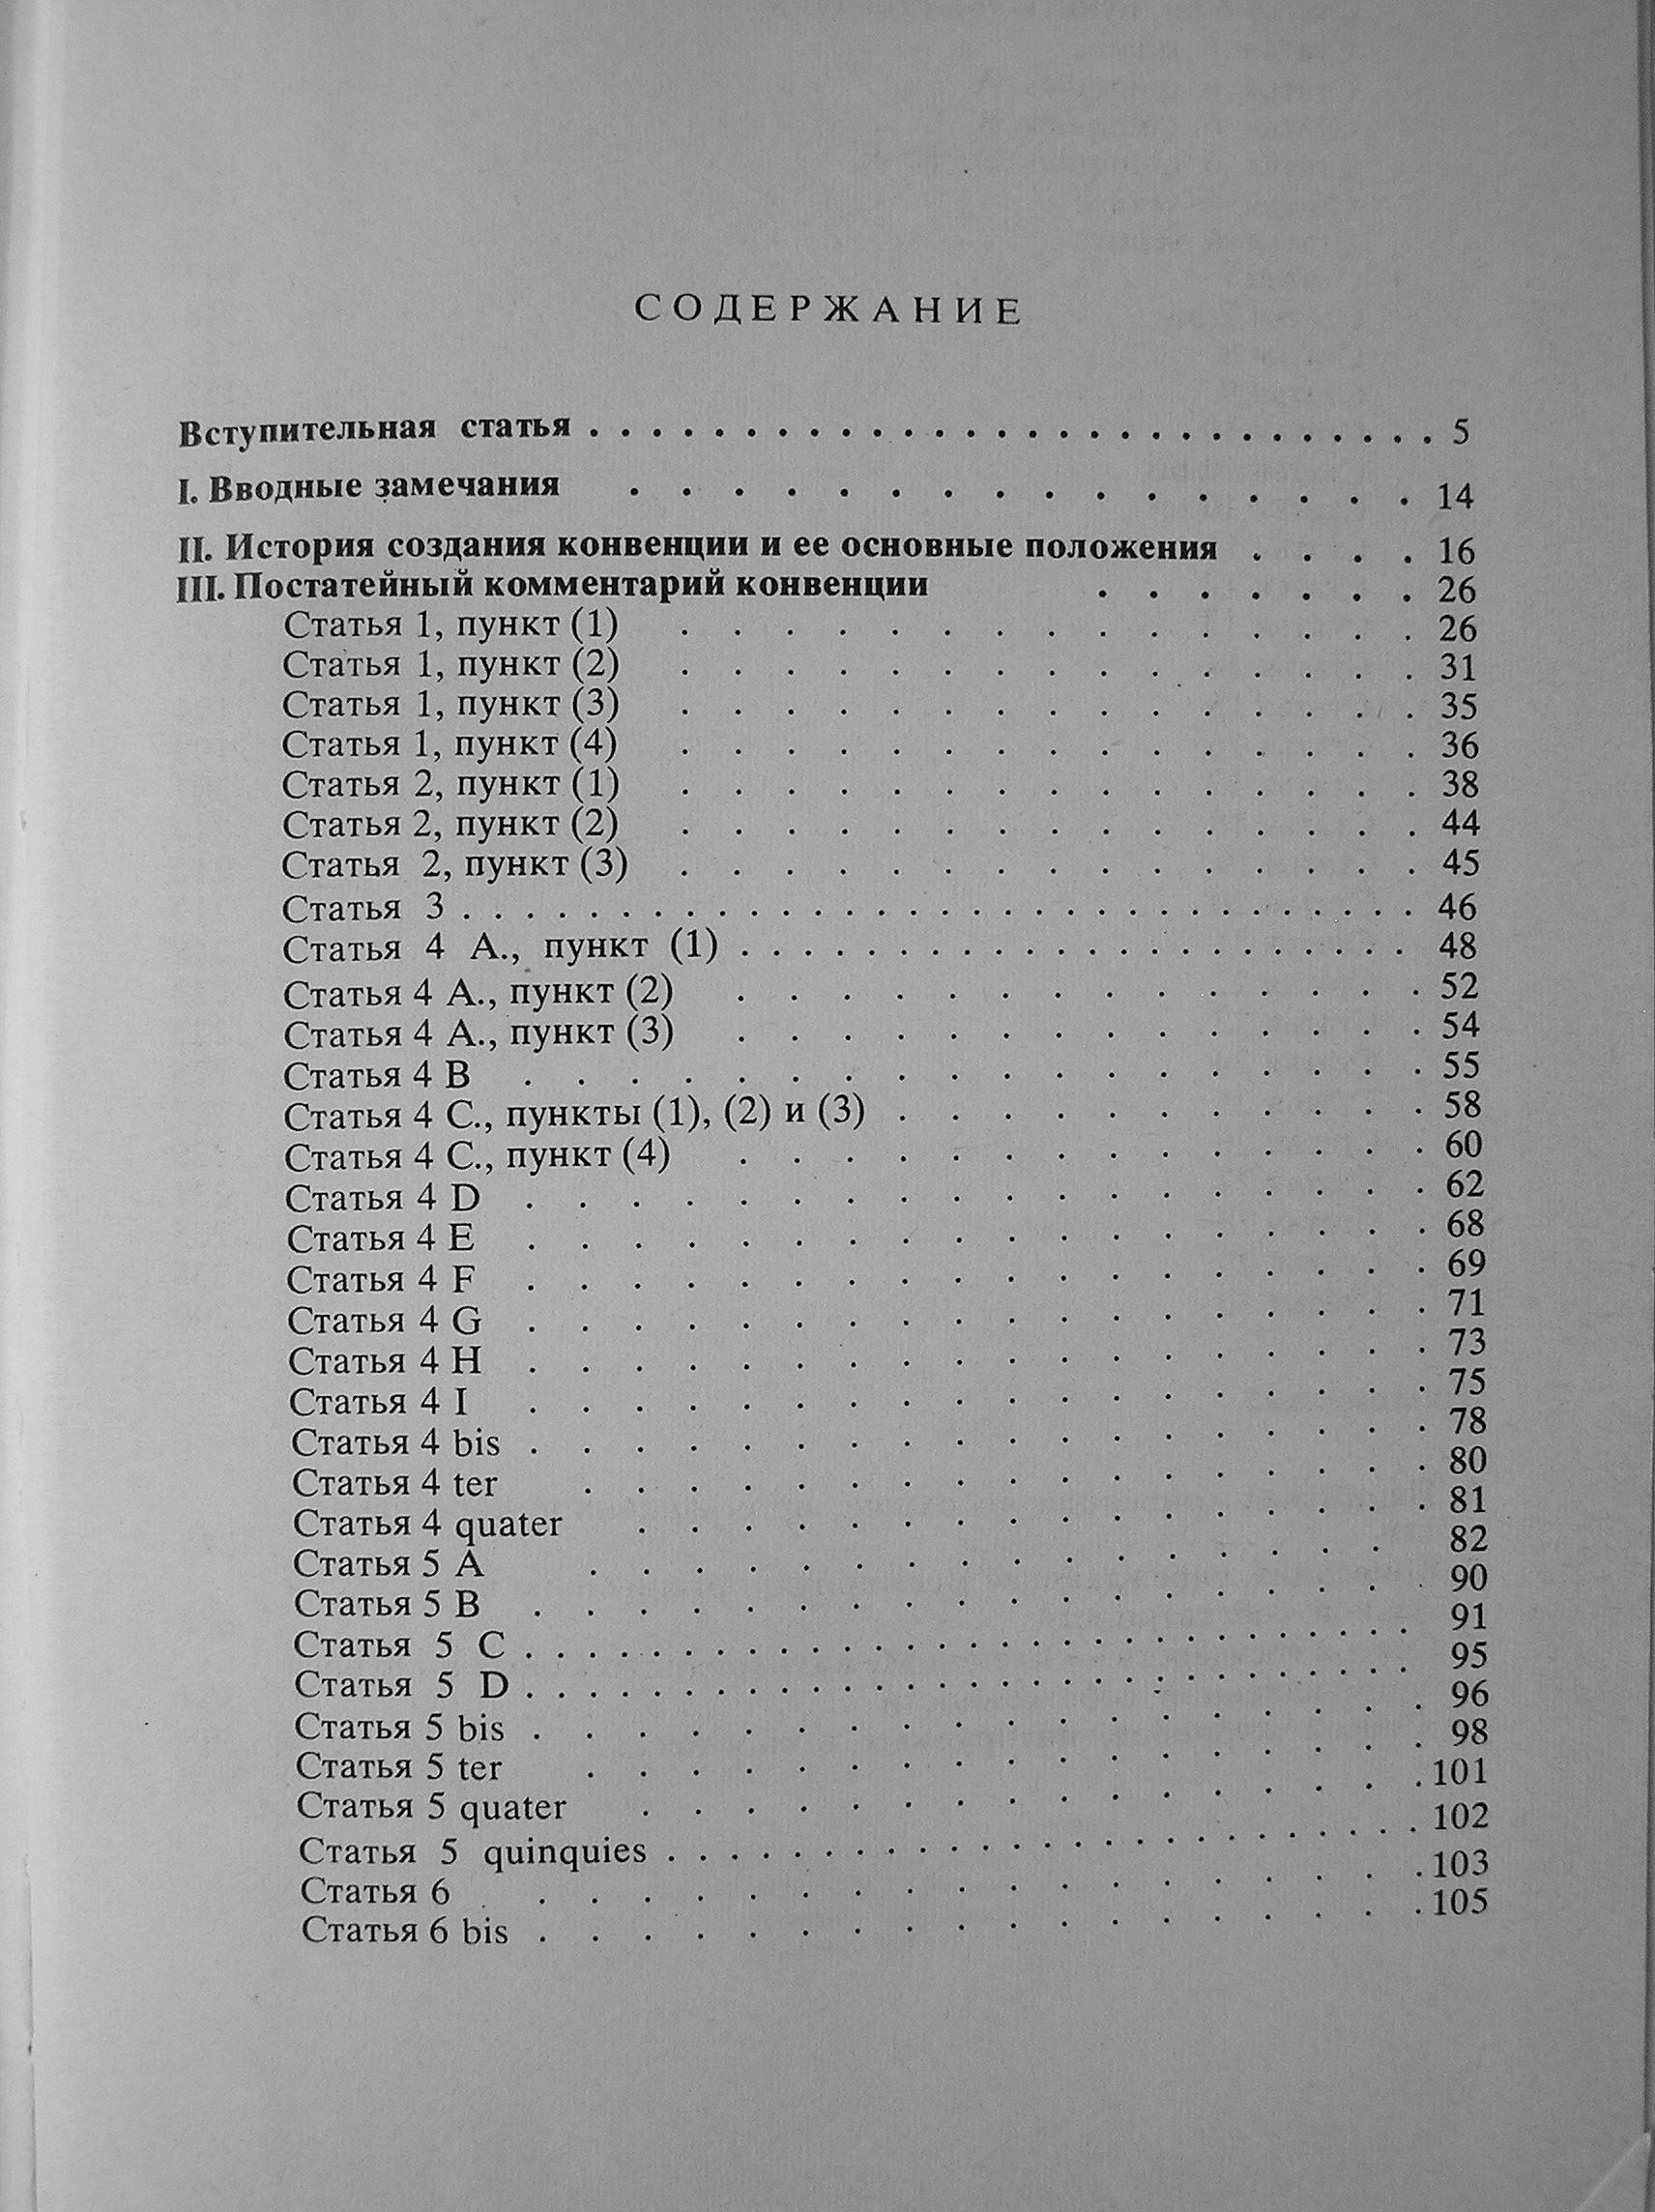 Боденхаузен Г. Парижская конвенция по охране промышленной собственности Оглавление  19.JPG